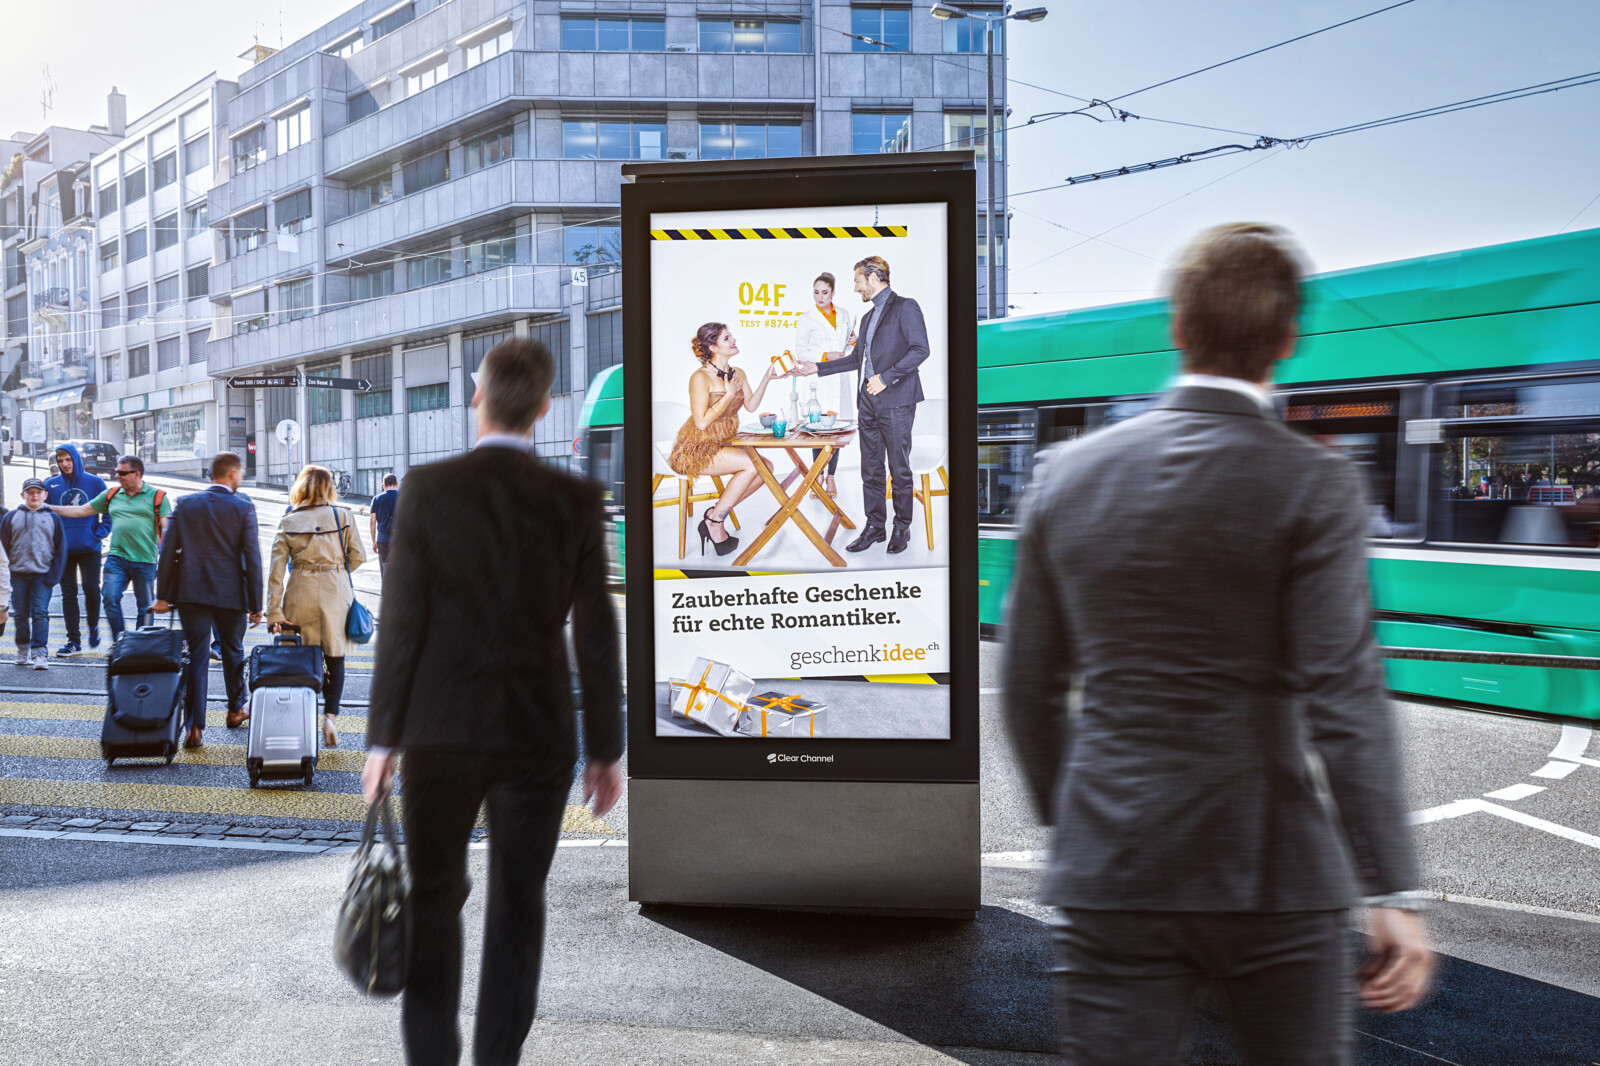 Plakat am Steinentor Basel - Digitale Werbung auf Screen in Basel – mit Plakat kaufkräftige Zielgruppe erreichen – Branding für Luxusprodukte, hohe Reichweite, Flexibilität, dynamische Aussteuerung